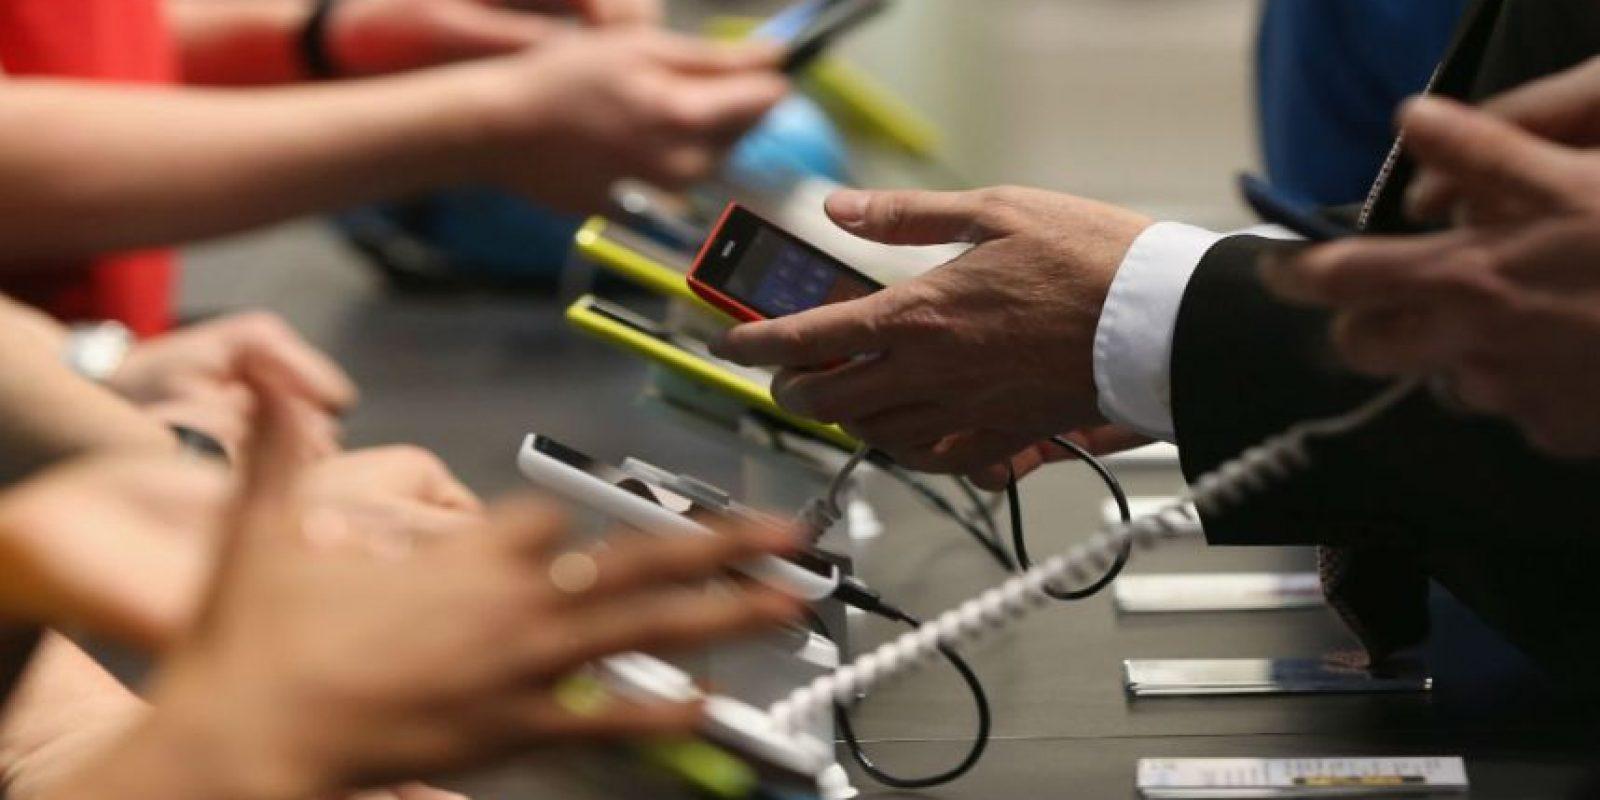 Una de las grandes fobias de la actualidad es que se acabe la batería del móvil y no tener la opción de cargarlo. Foto:Getty Images